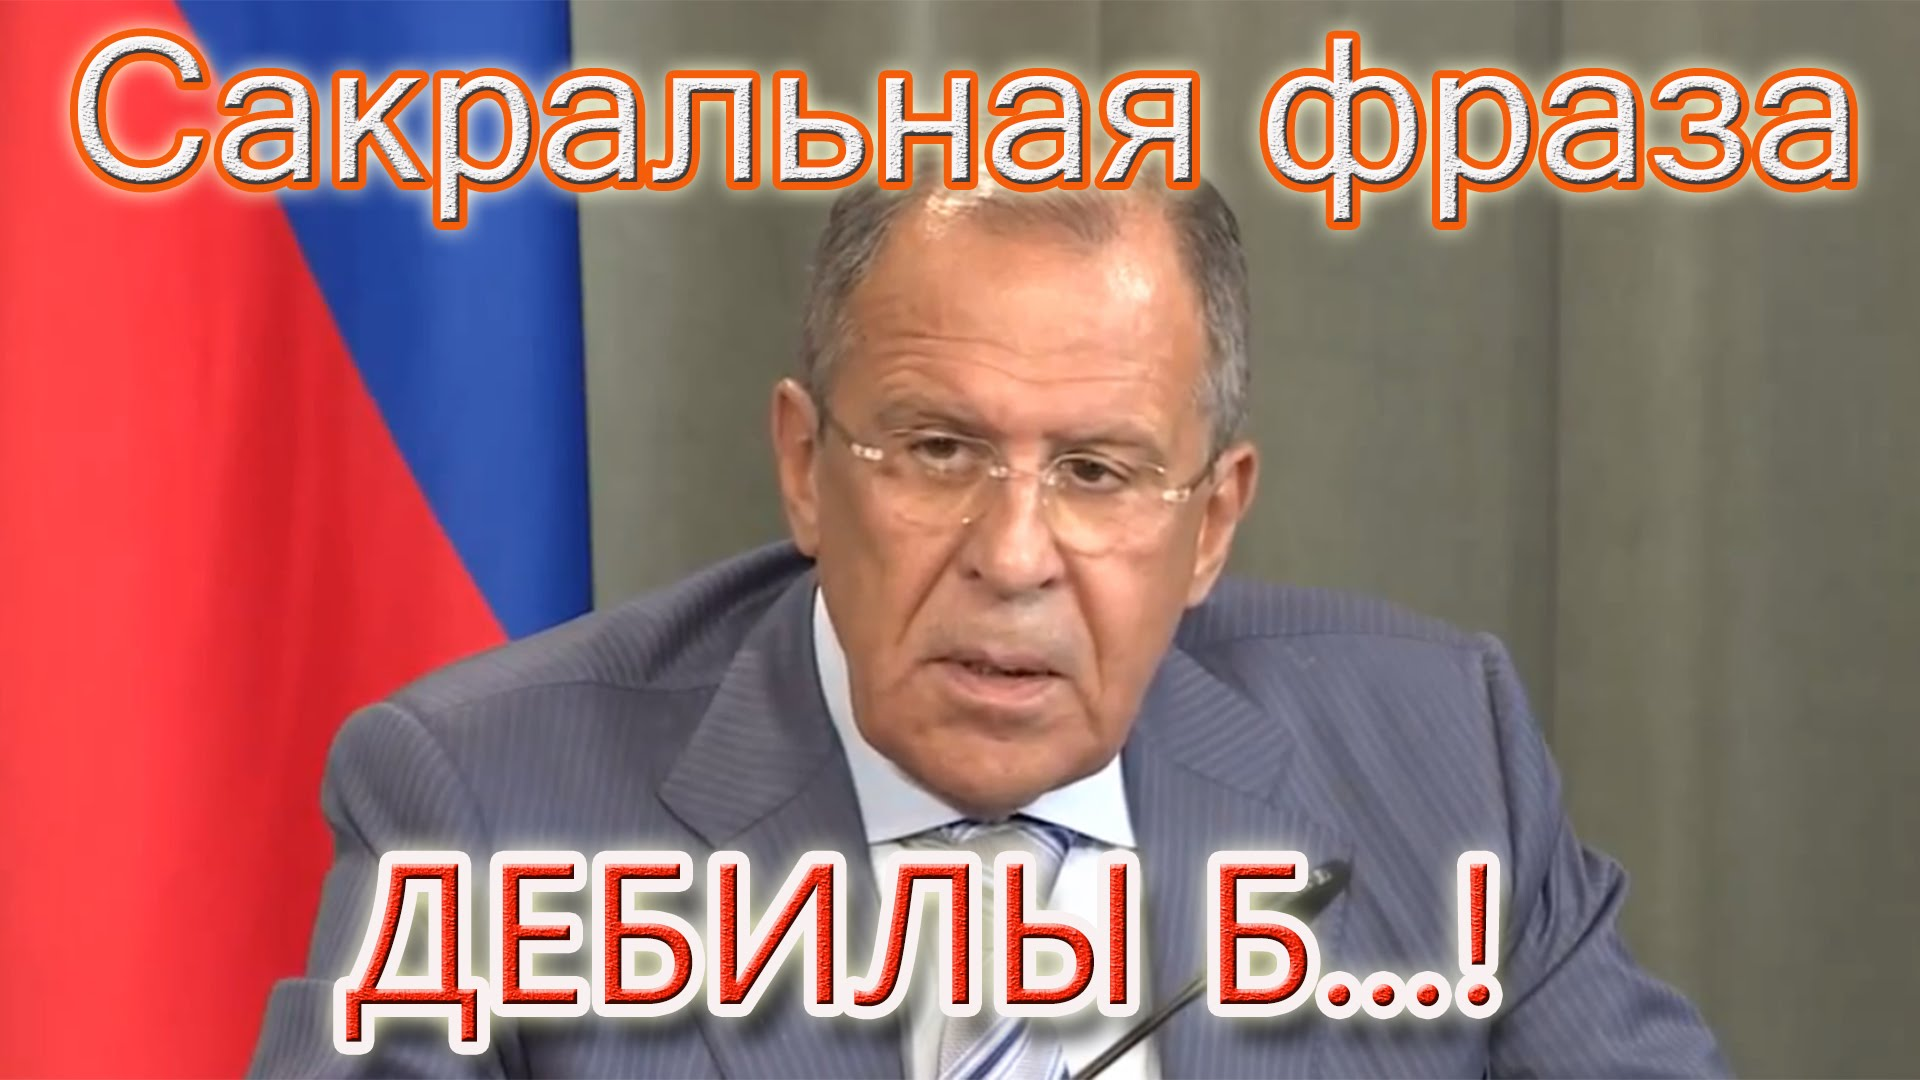 У Раді Європи пропонують дати російській делегації право участі у виборах генсека, - Ар'єв - Цензор.НЕТ 5225